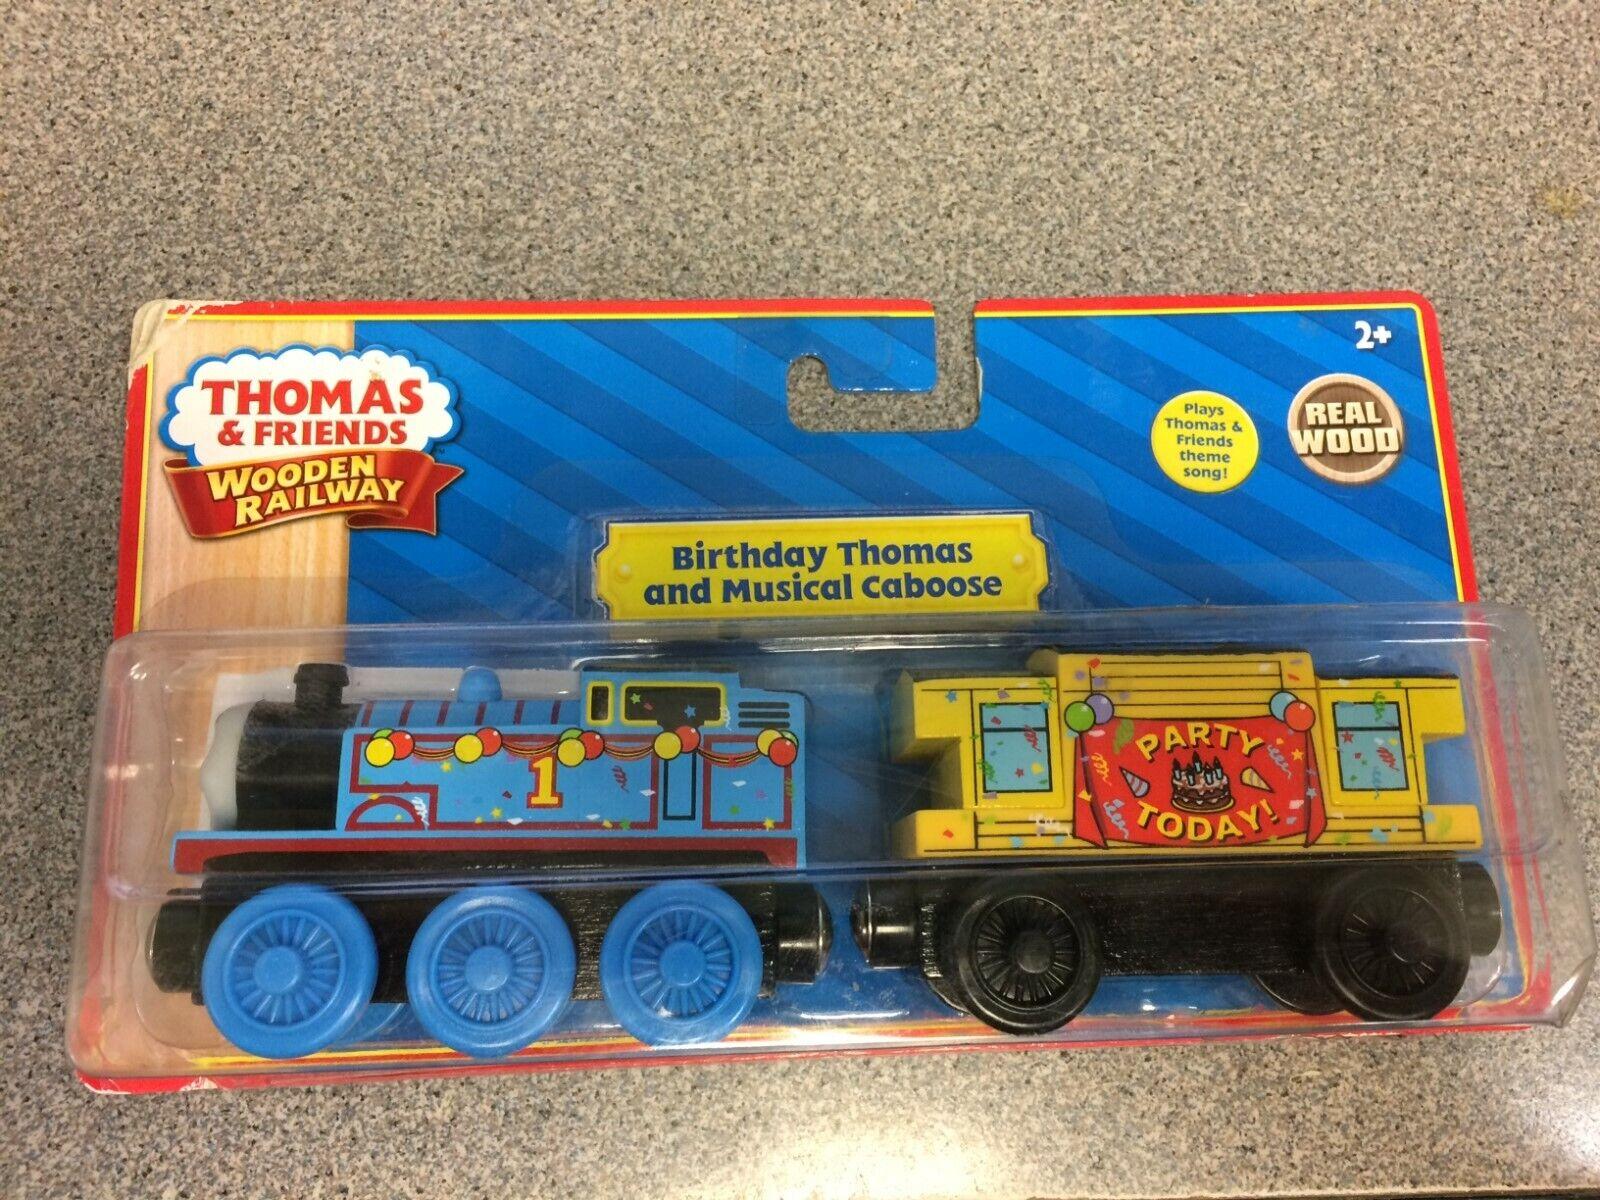 Födelsedag Thomas och musikal Caboose träen järnvägway New i öppen stil.Läs ner.